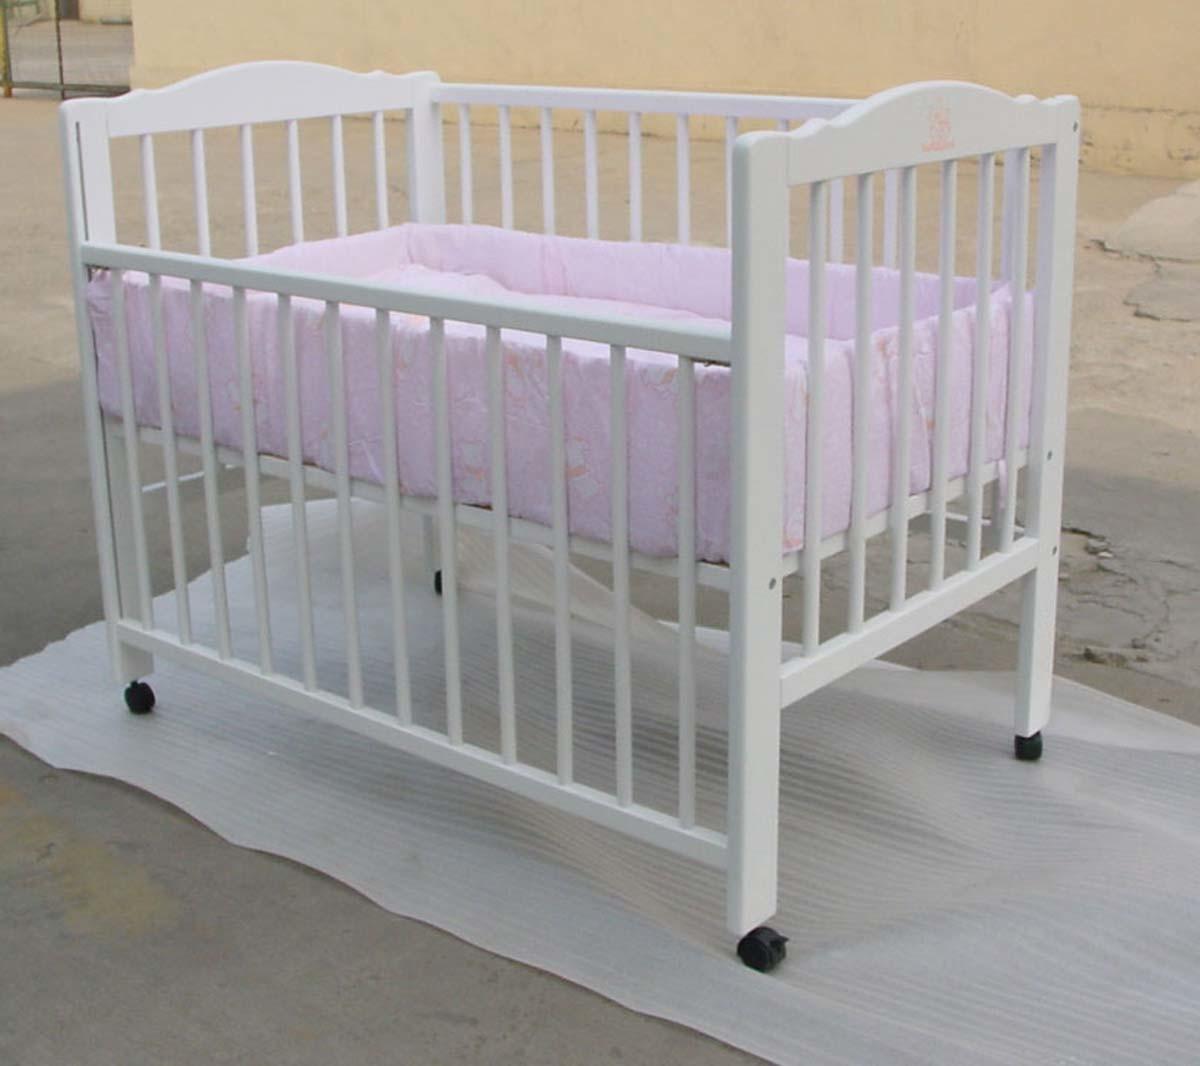 China Baby Crib - China crib, cot